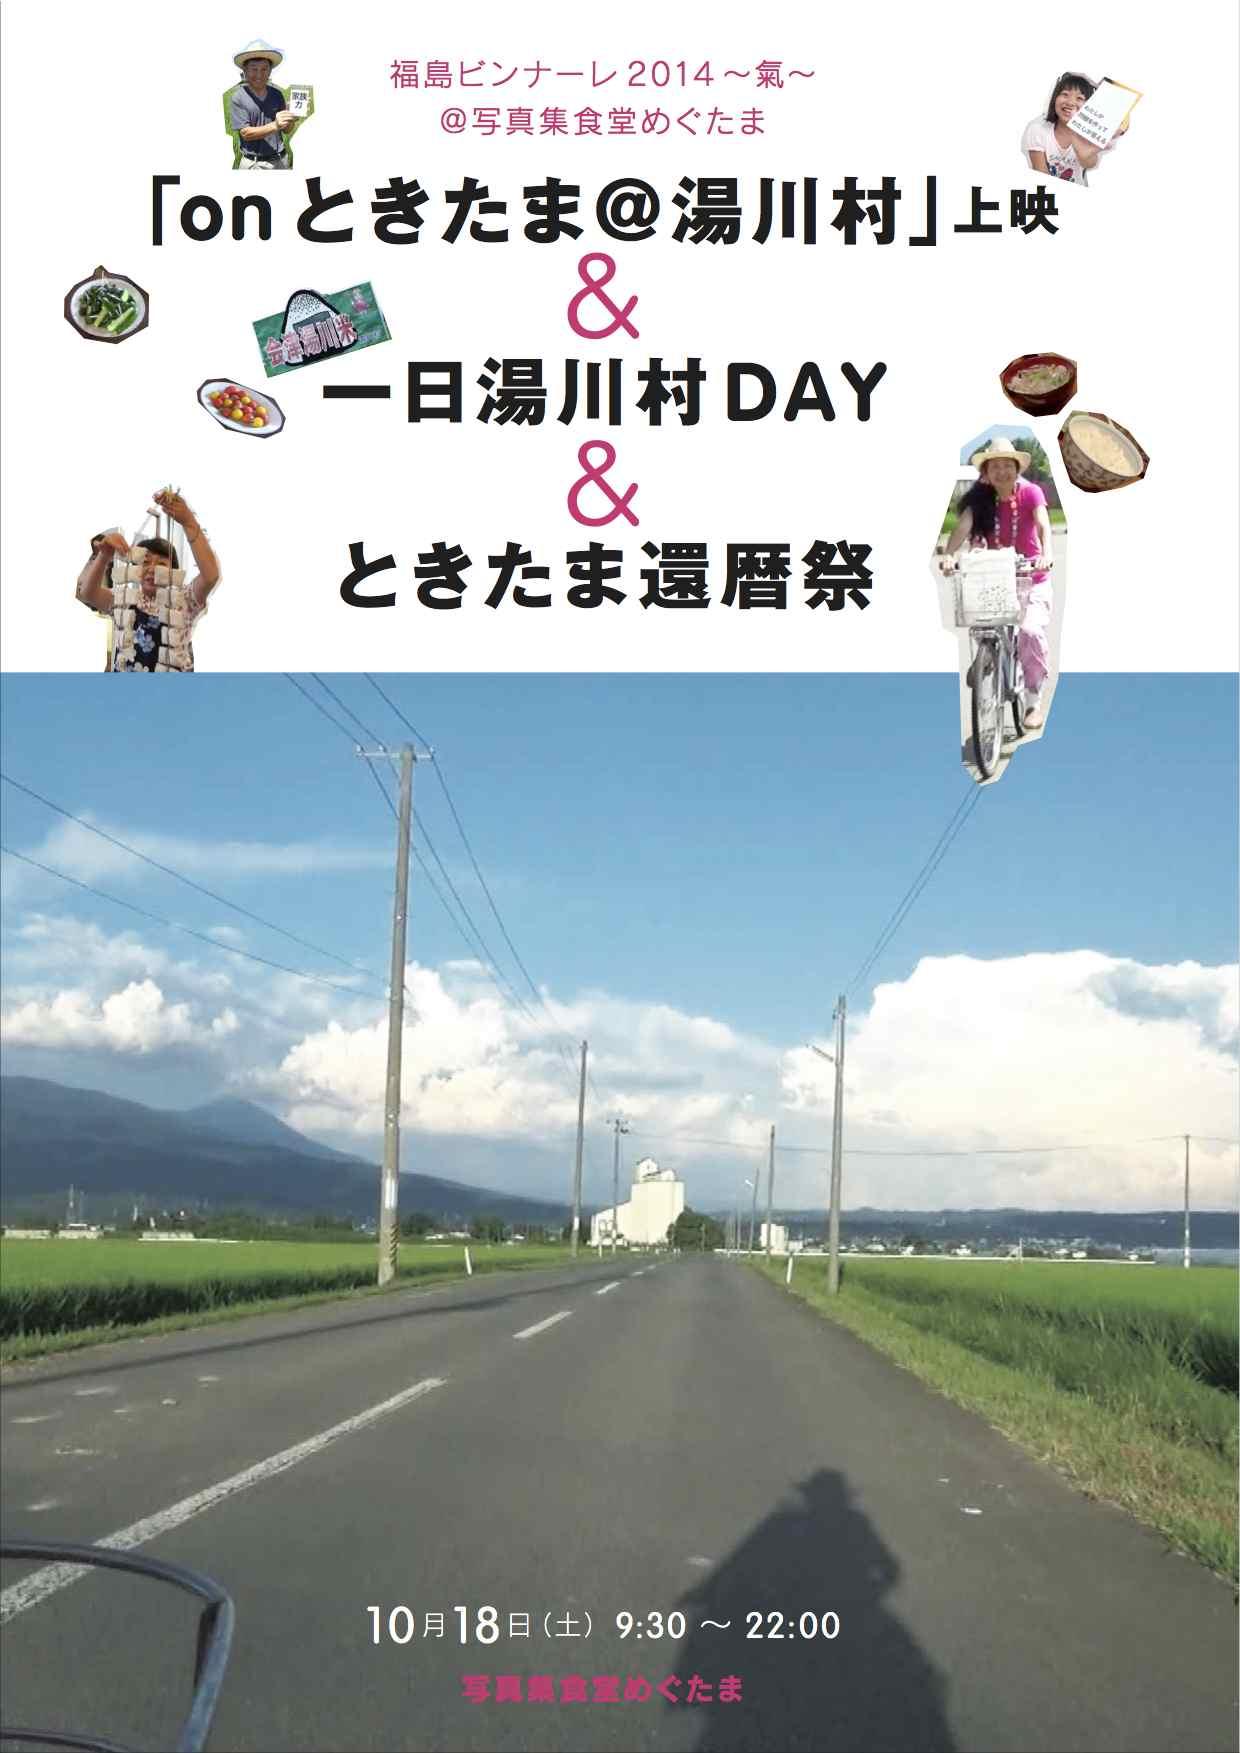 湯川村ちらし修正1001 のコピー2